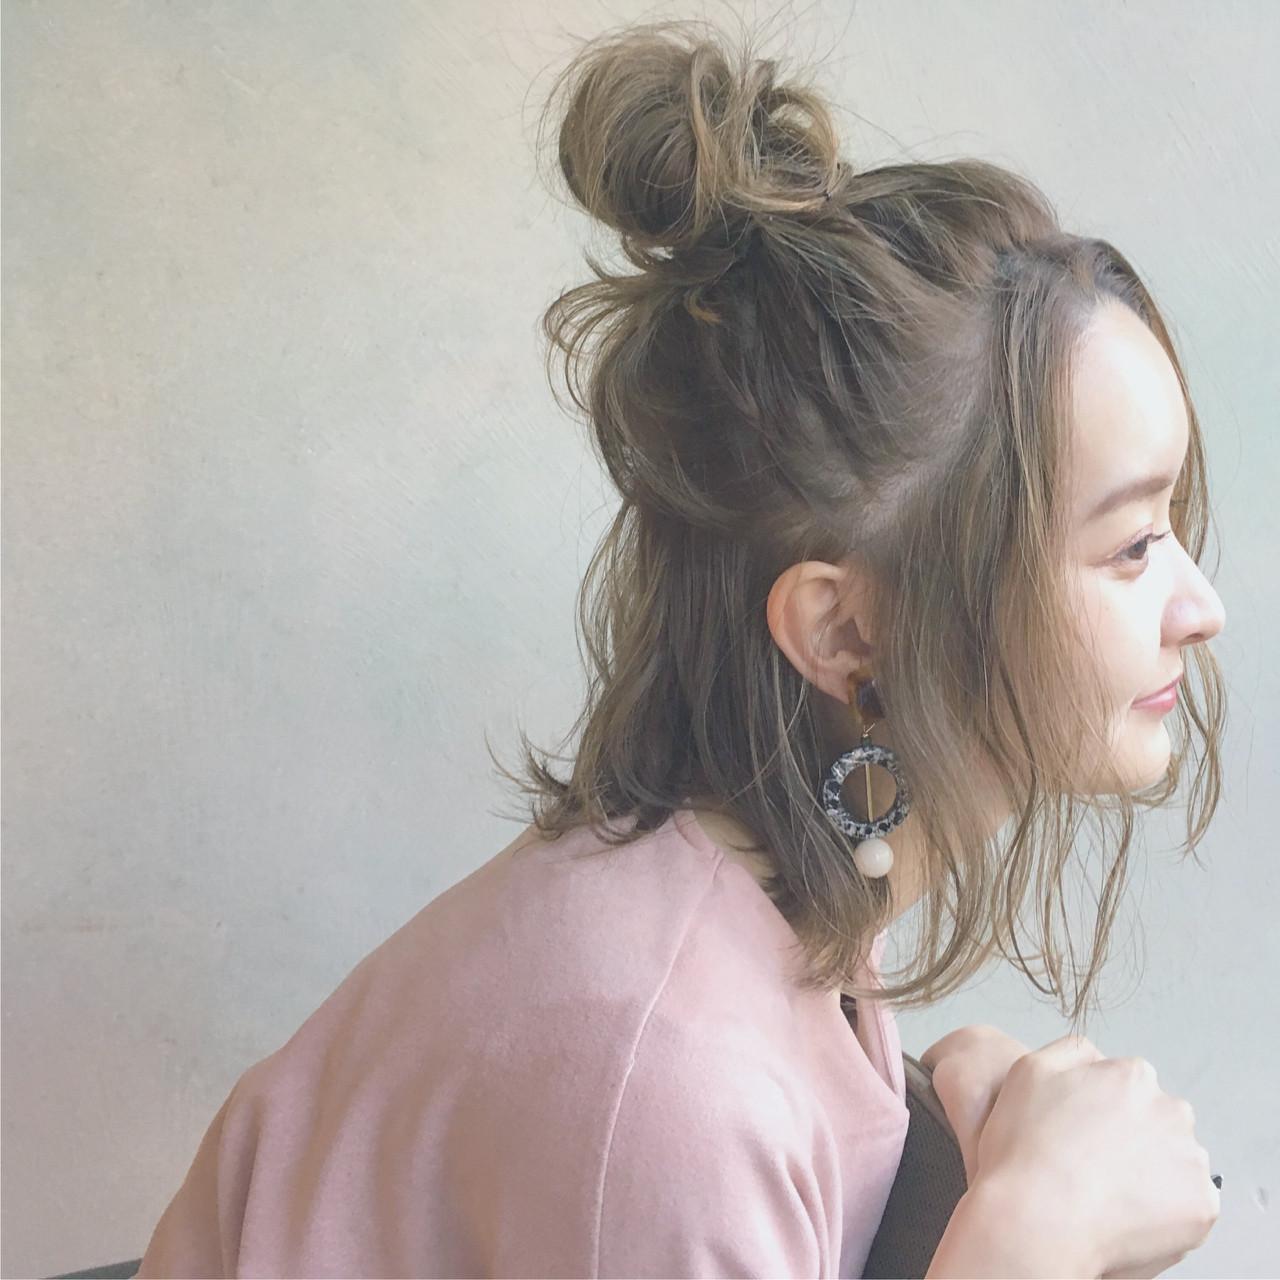 ハチ部分を結んで♡こなれお団子ボブアレンジ 秋山 絵梨香 / loutus